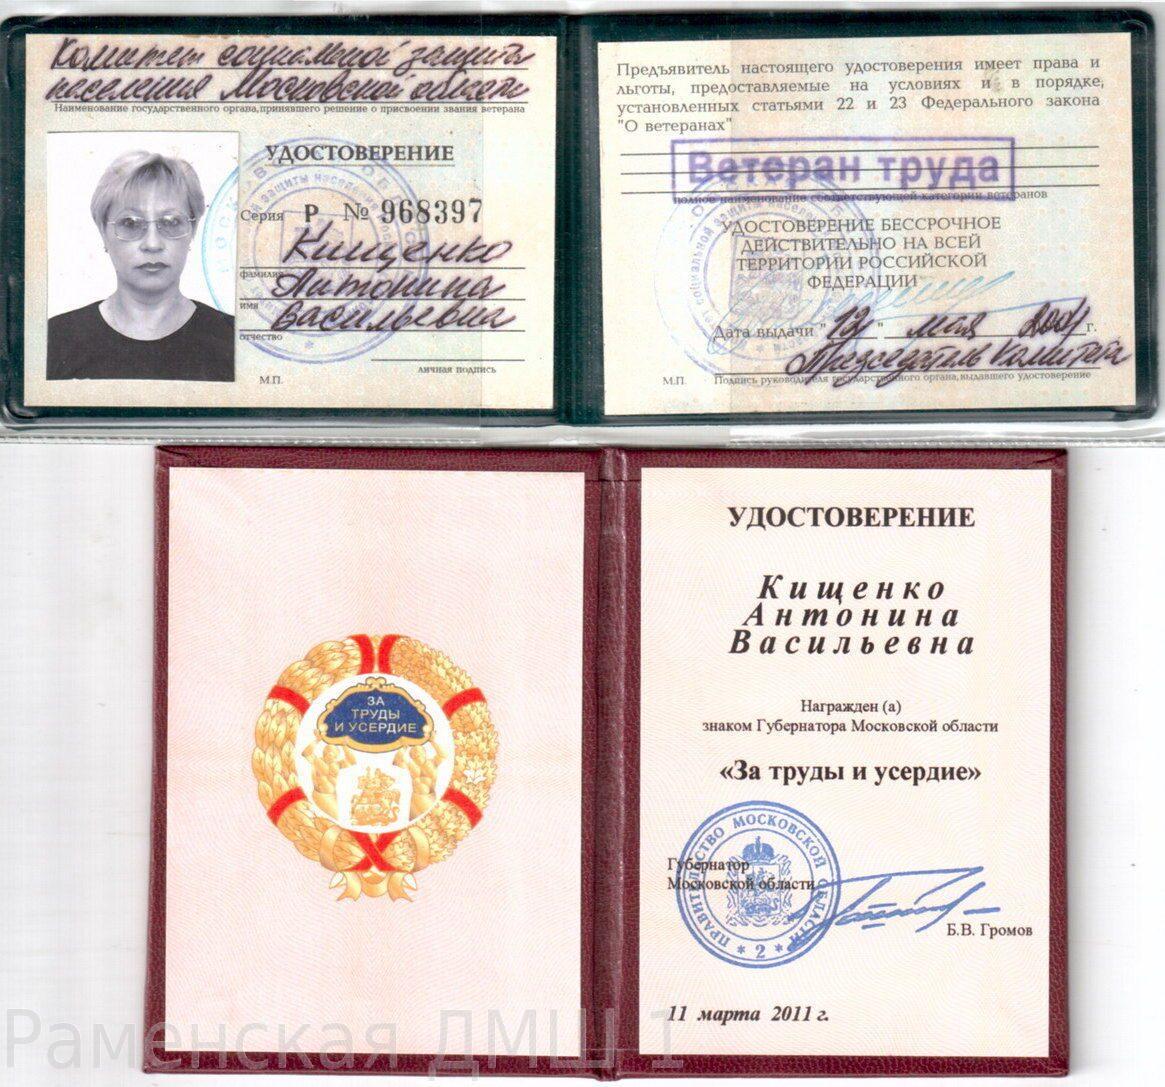 знаком губернатора московской области за труды и усердие